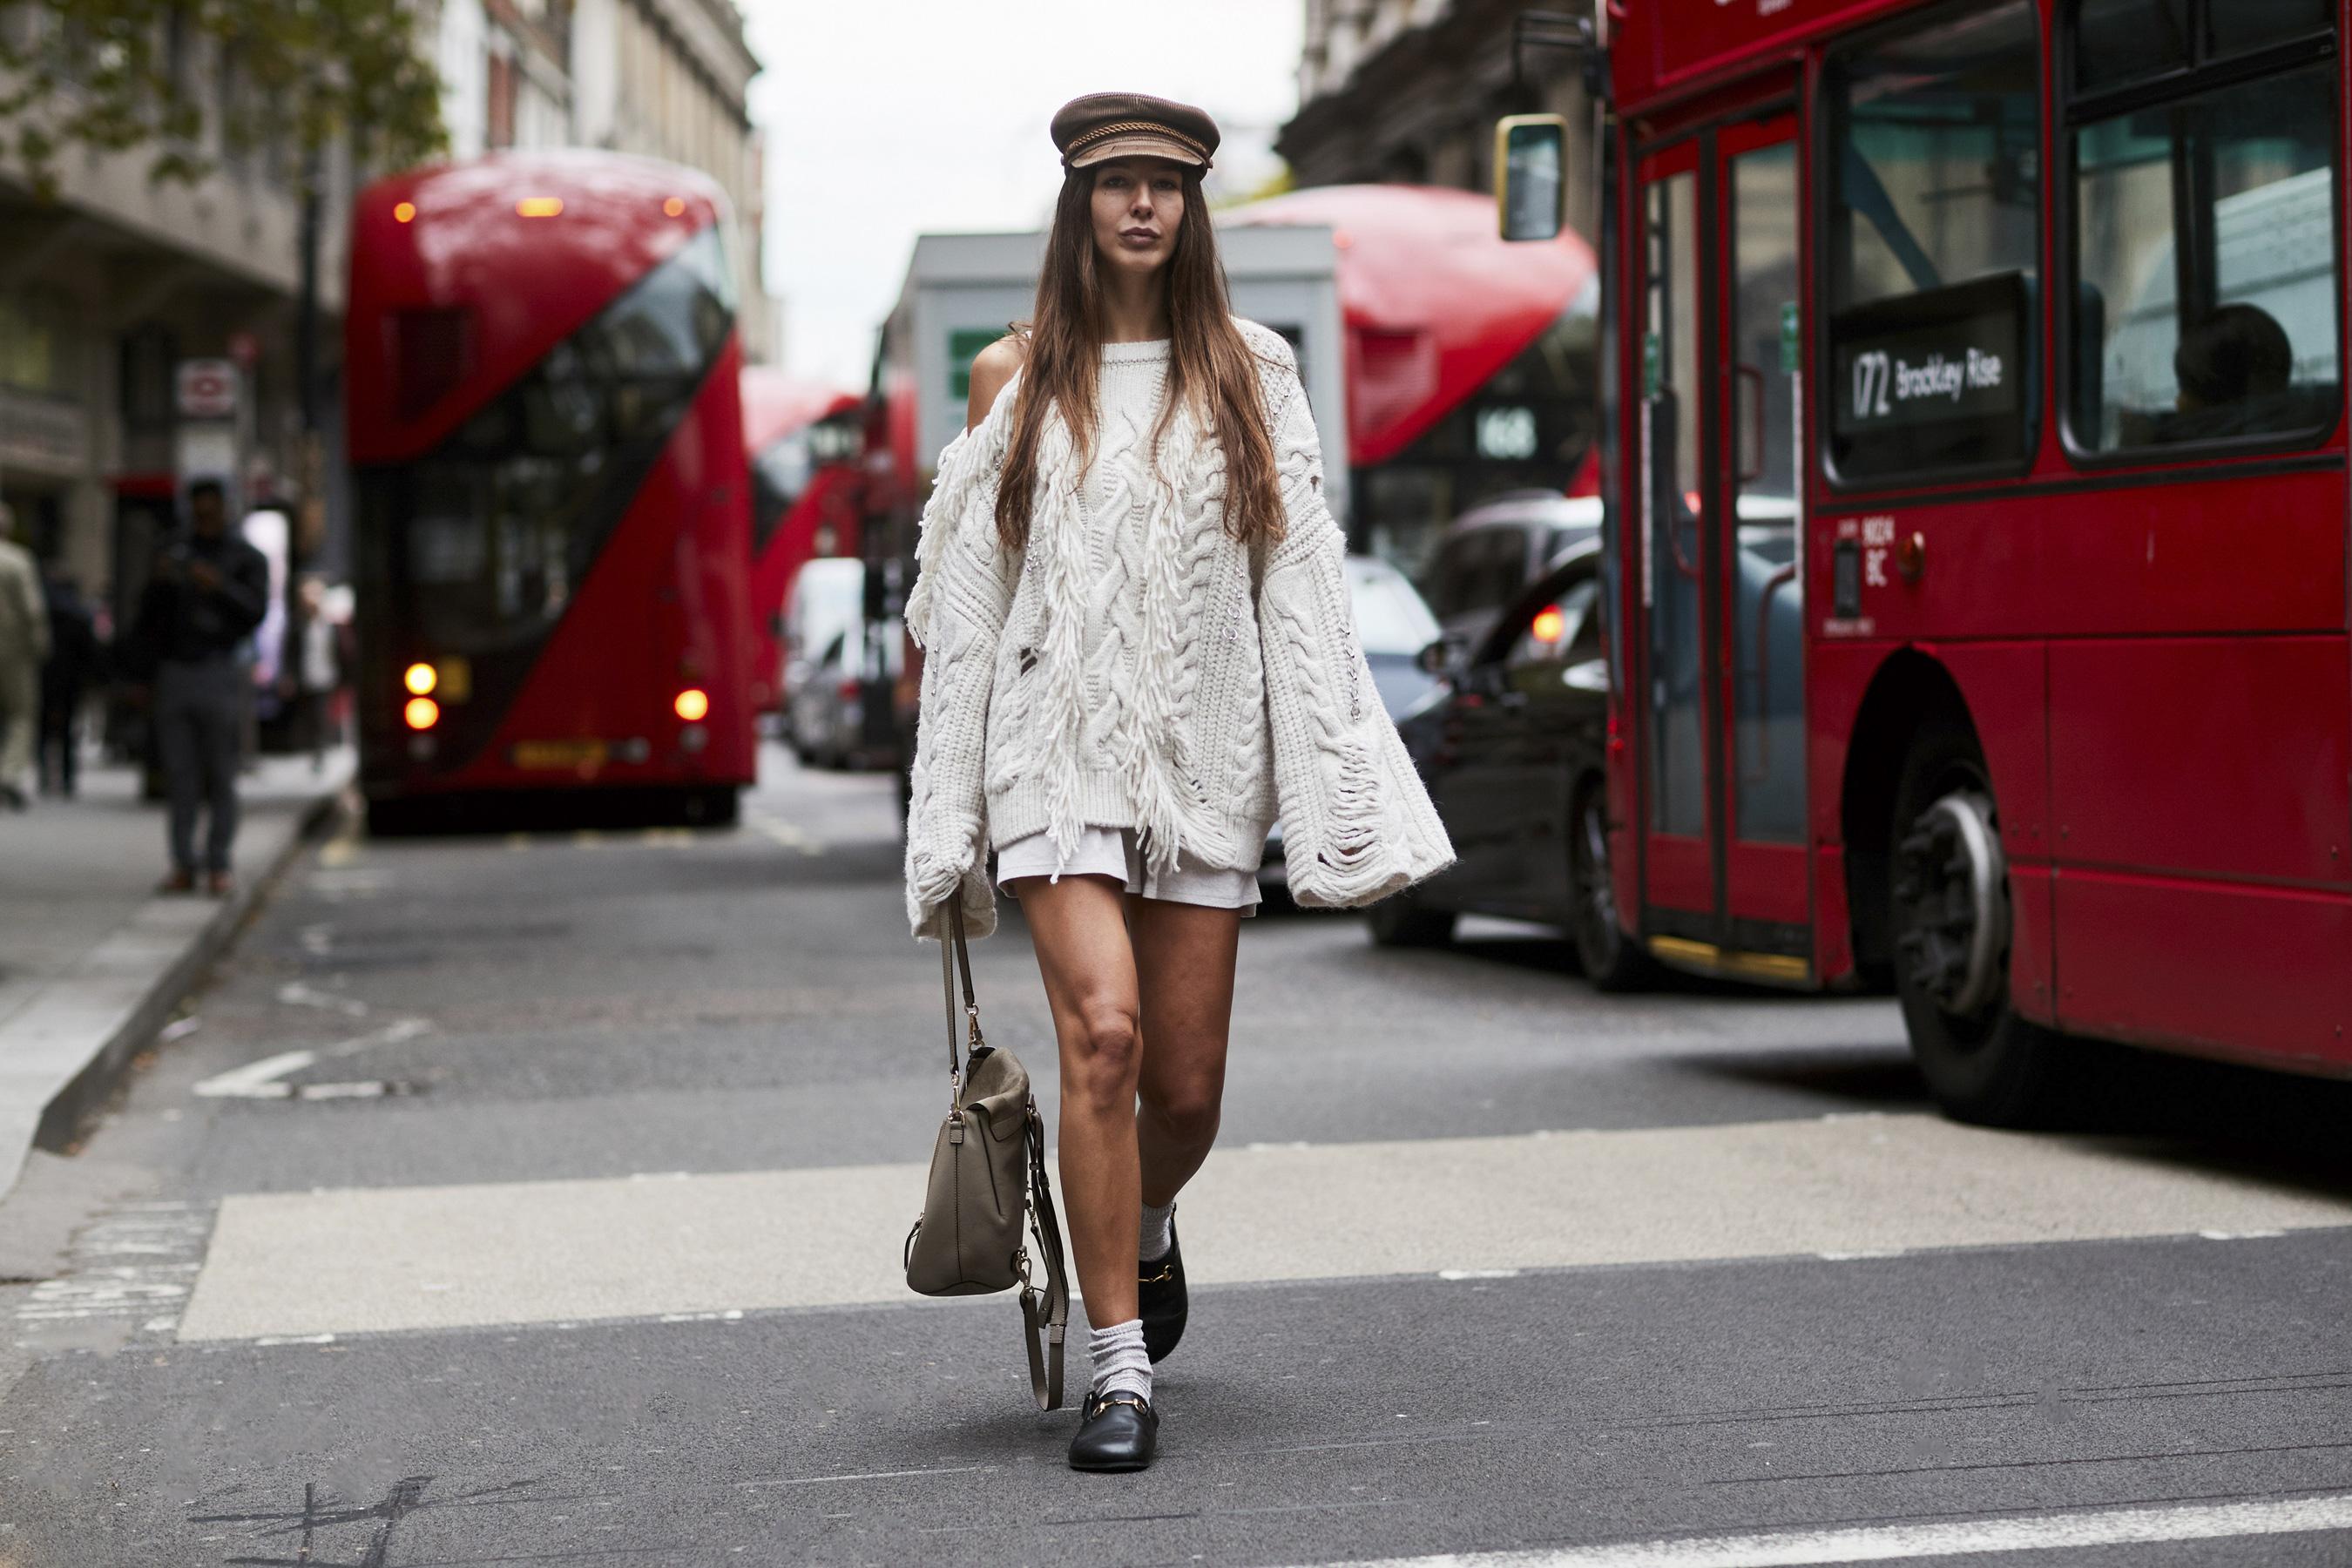 Street Fashion London Fashion Week Wiosna Lato 2018 Trendy Wiosna Lato 2018 Modne